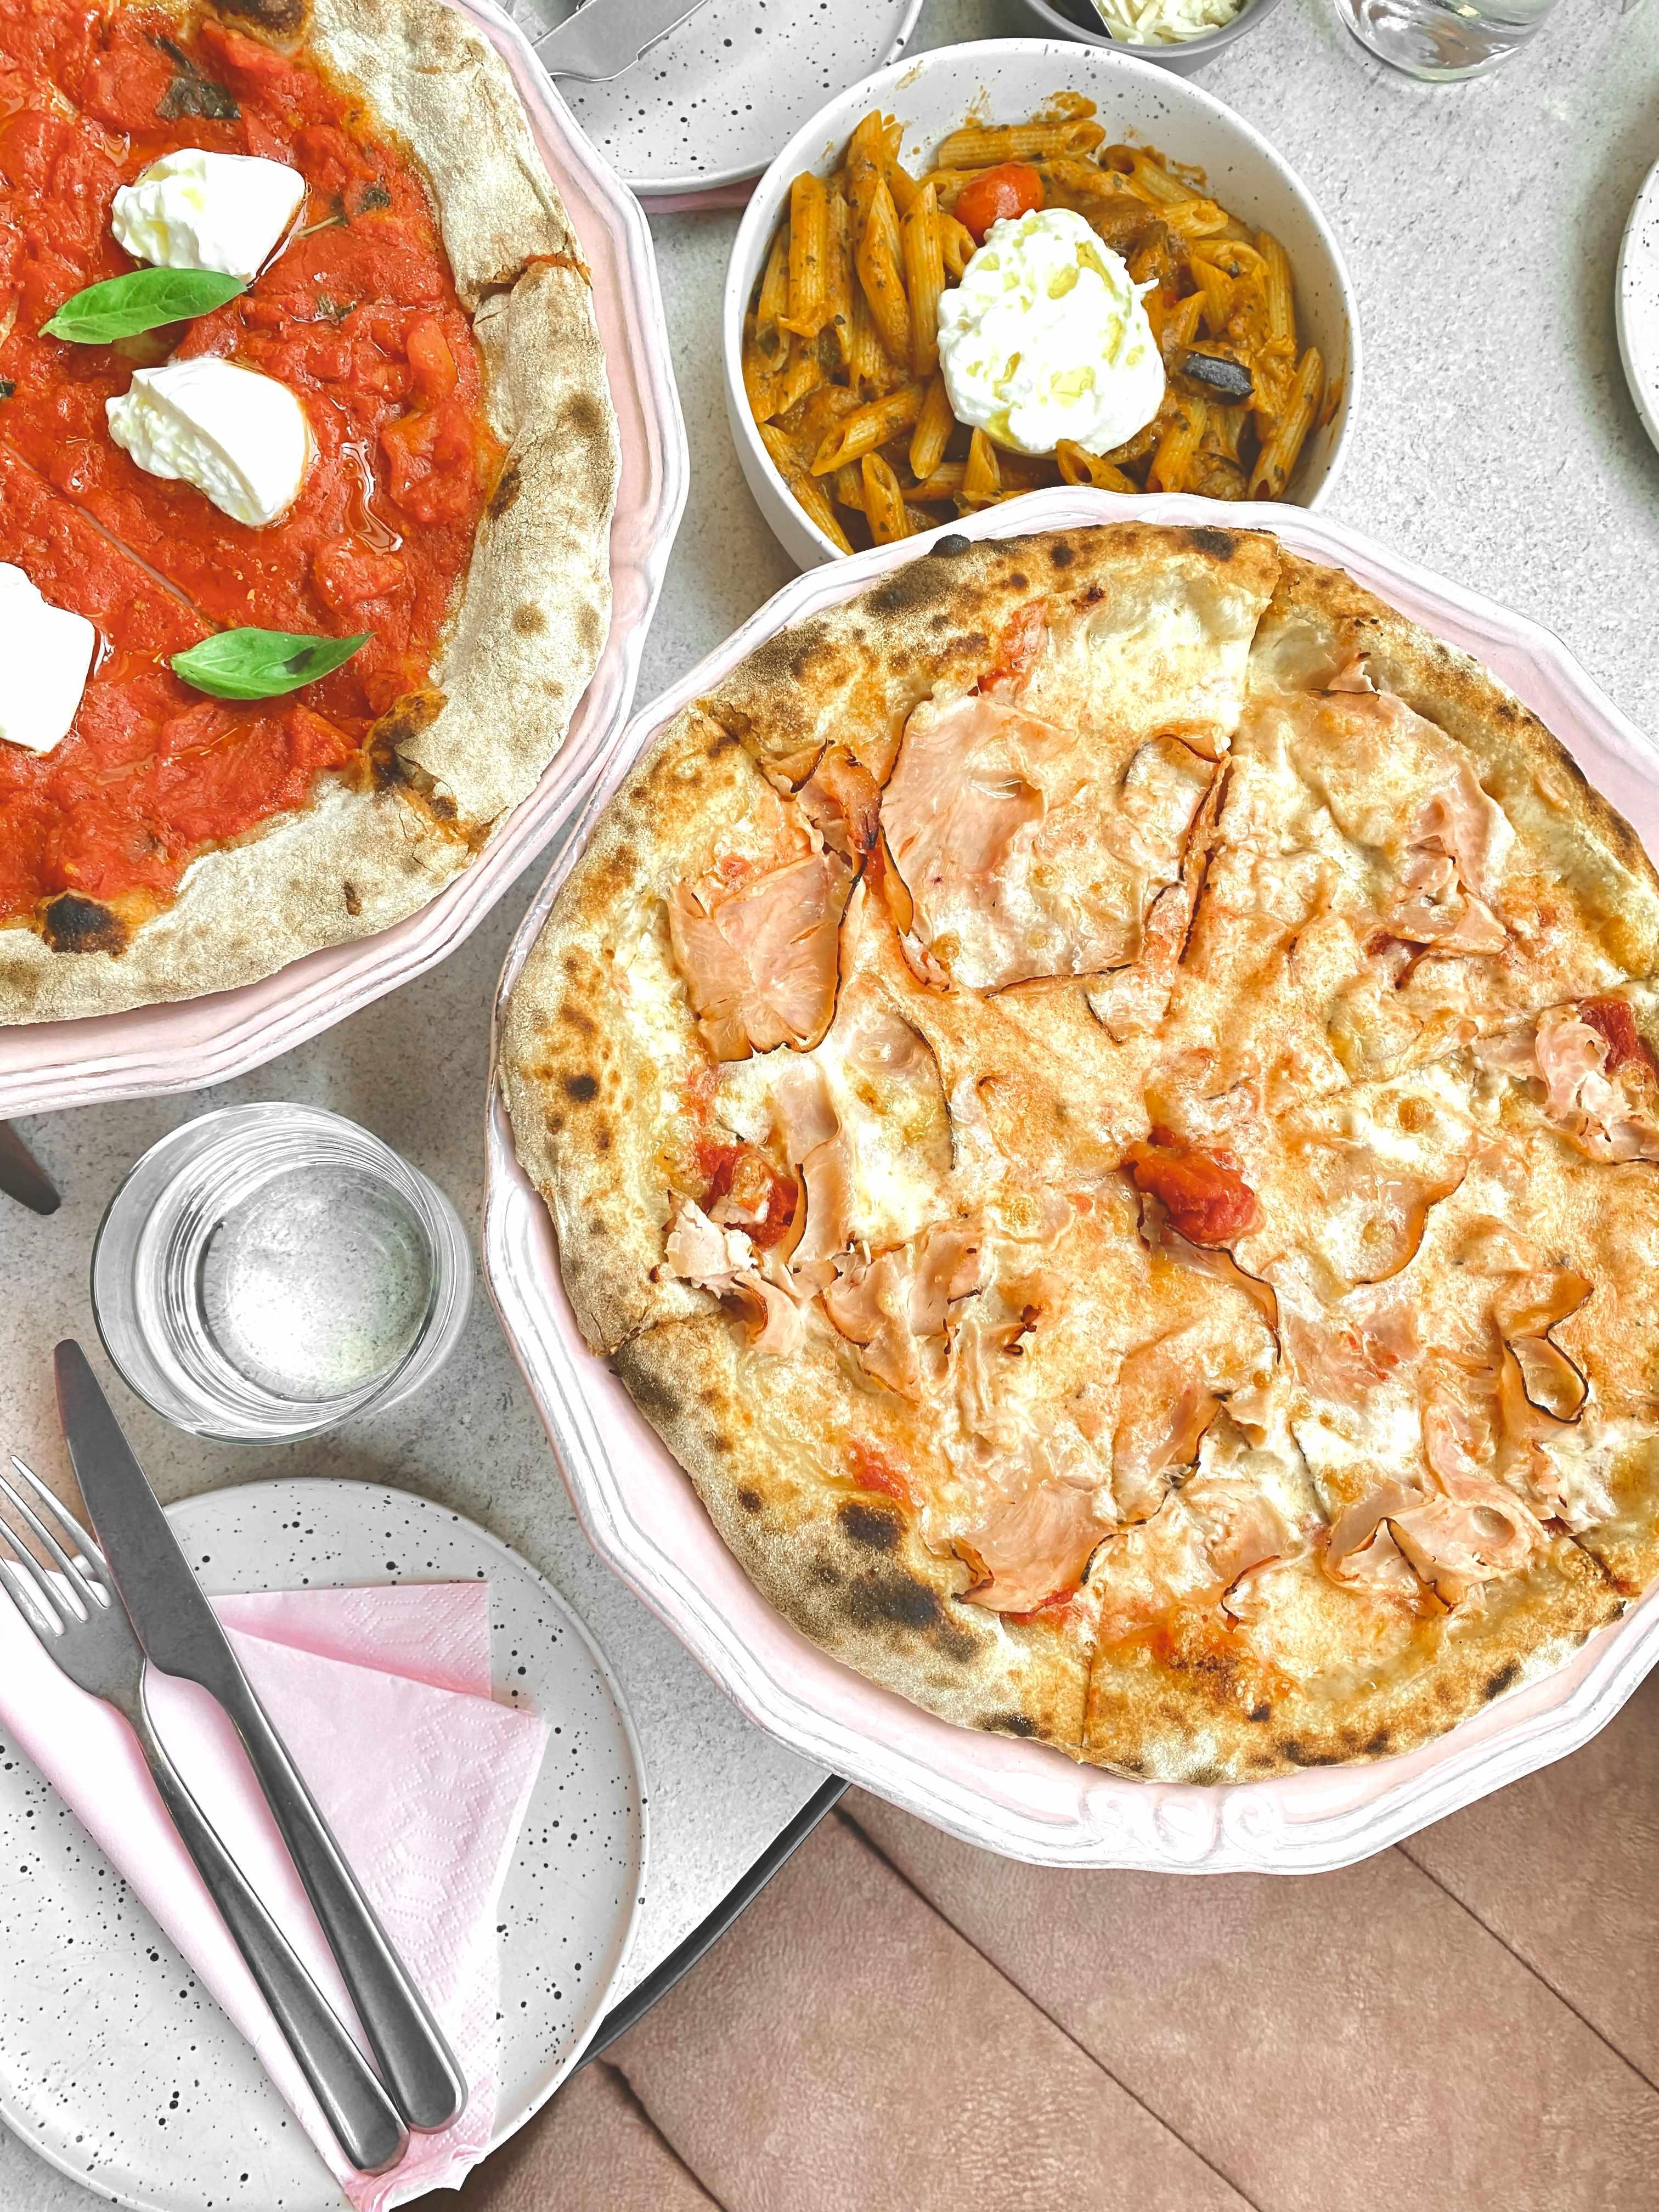 etien-pizza-bar-athens